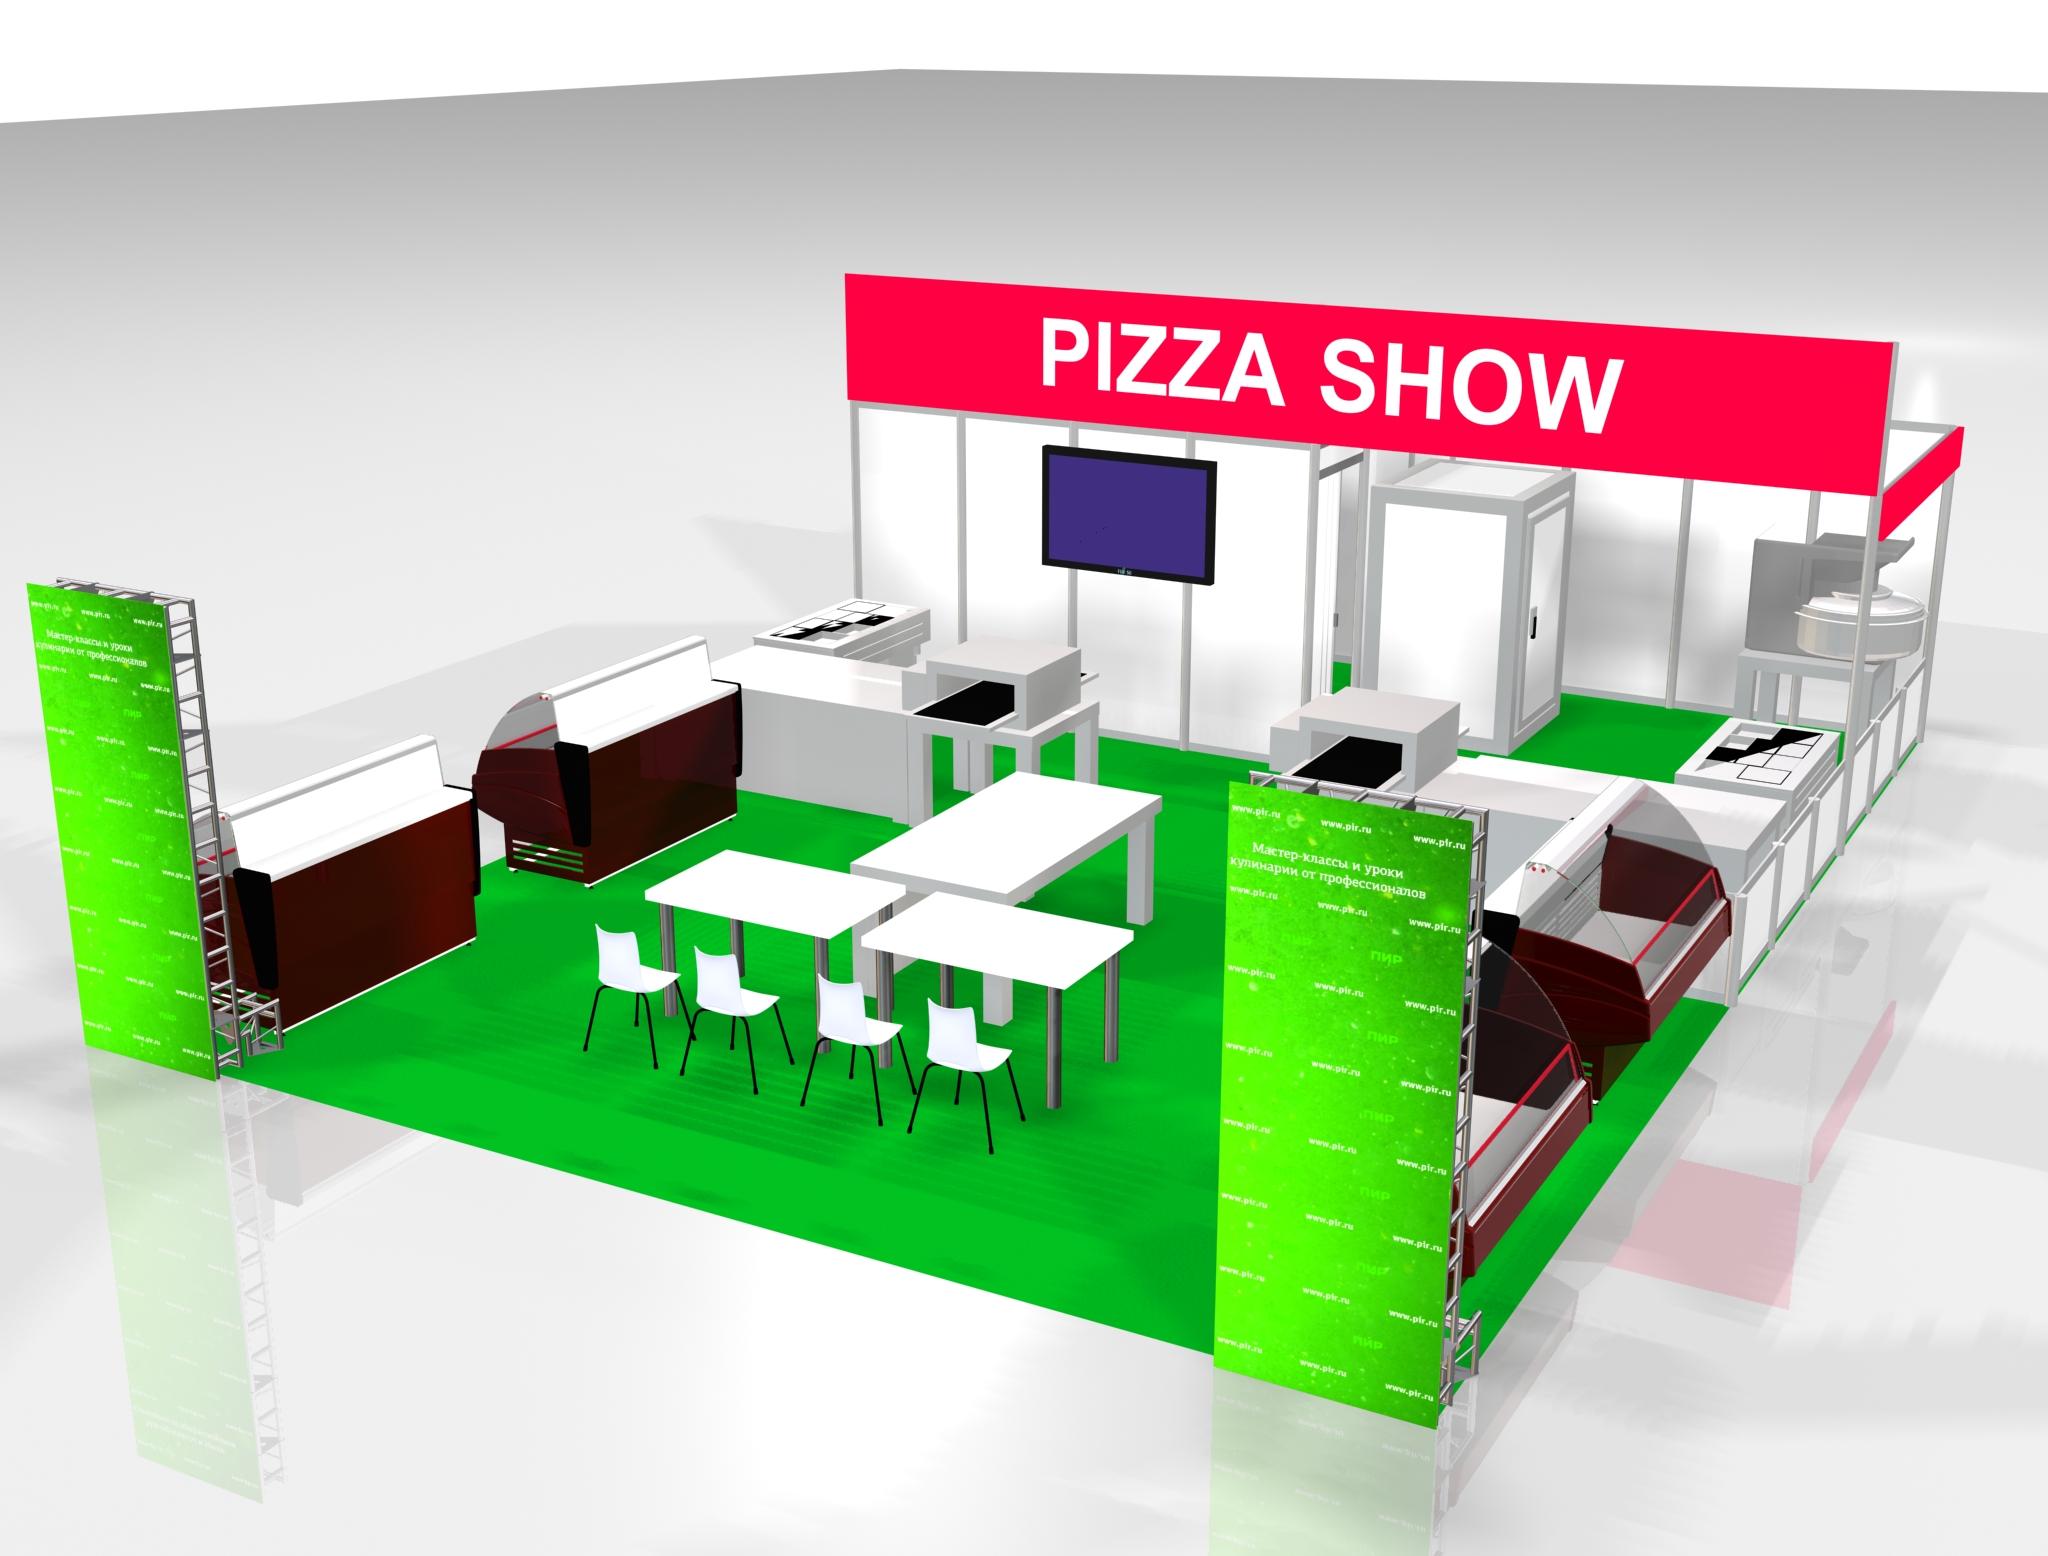 Чемпионат России по пицце на выставке ПИР 2014